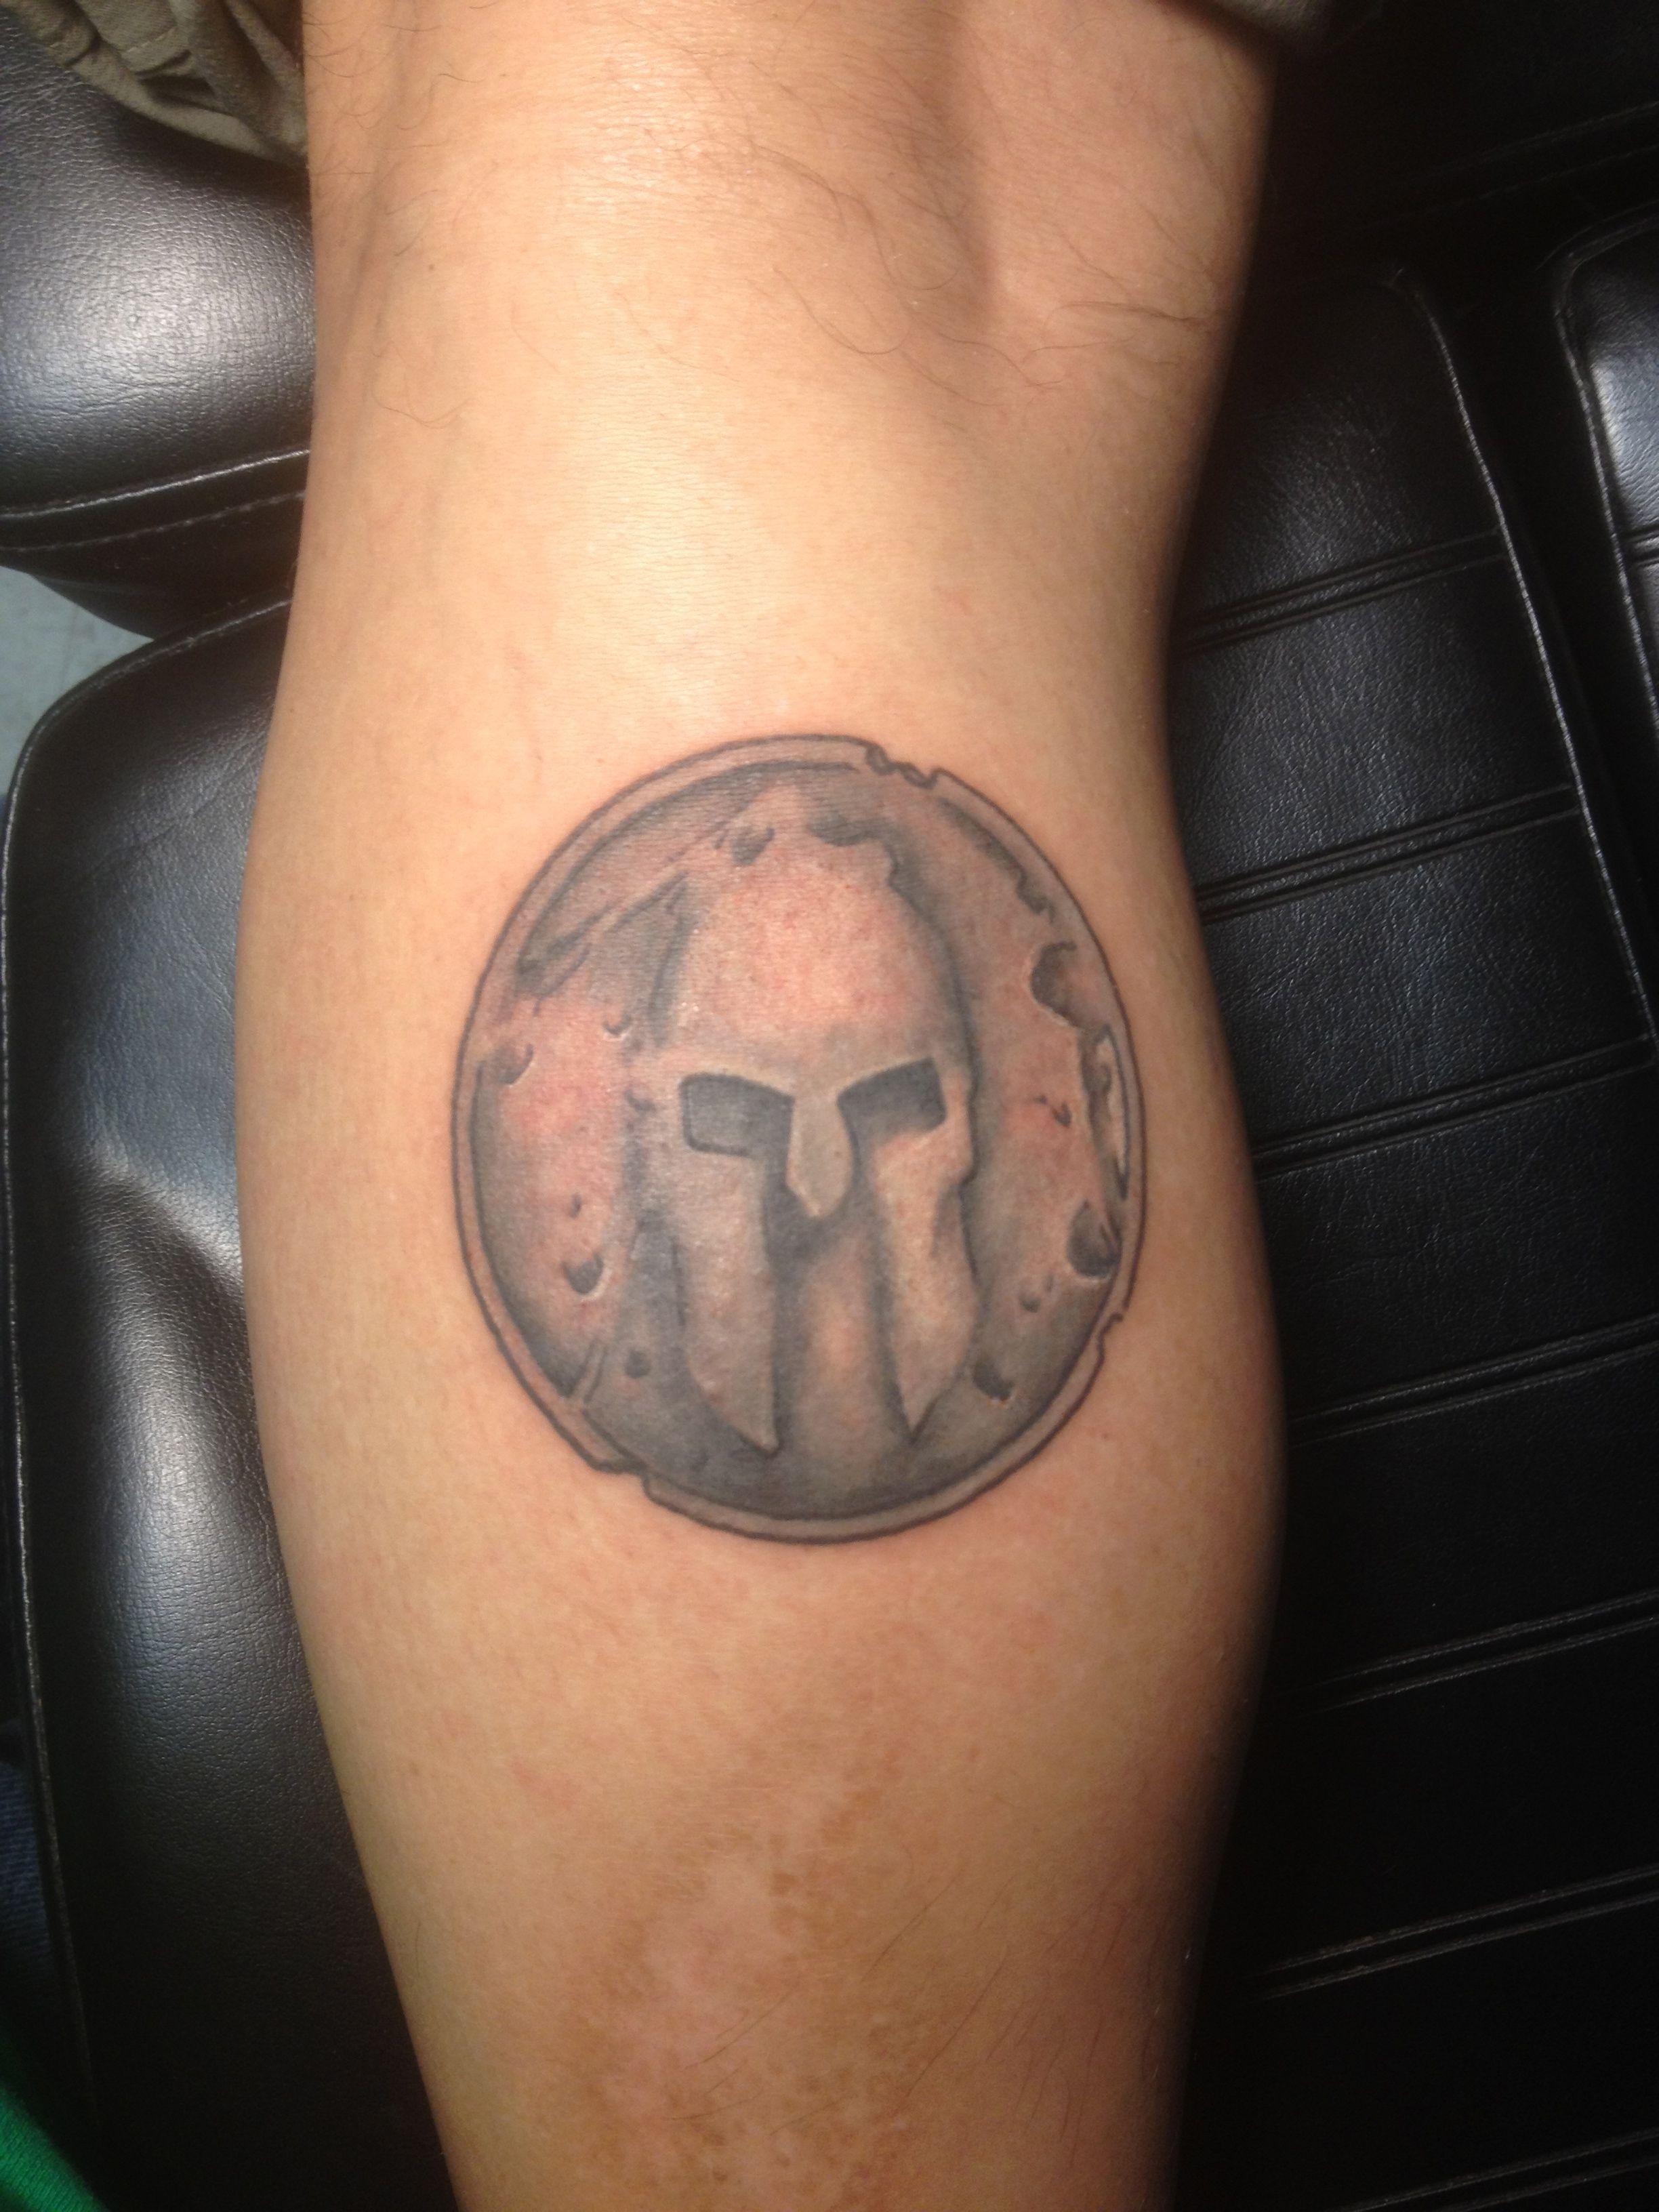 Pin By Kc Haller On Tattoo Ideas Spartan Tattoo Tattoos Shield